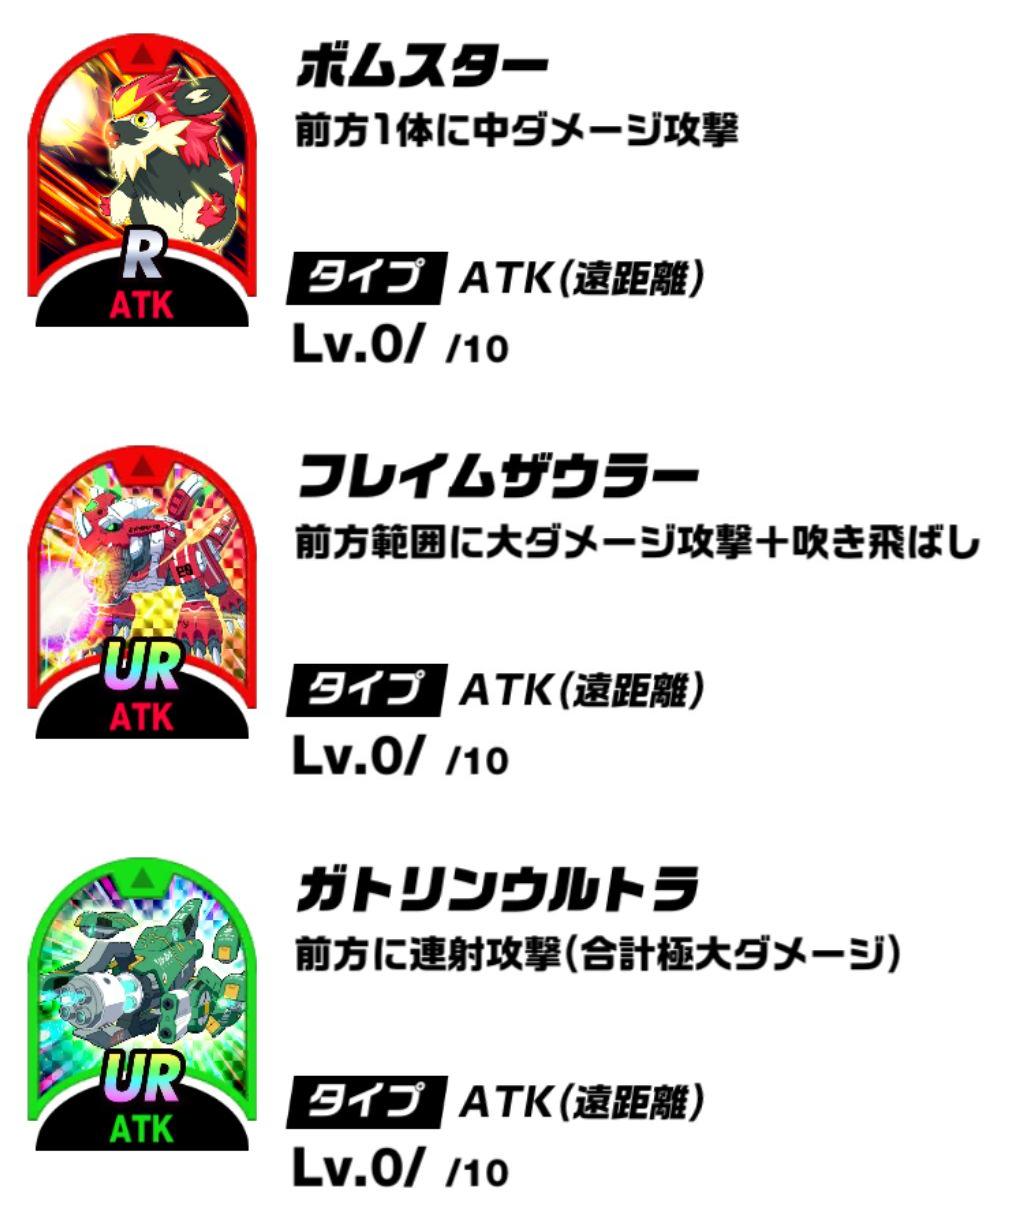 キックフライト【攻略】:キッカーデータランキング【11/24更新】